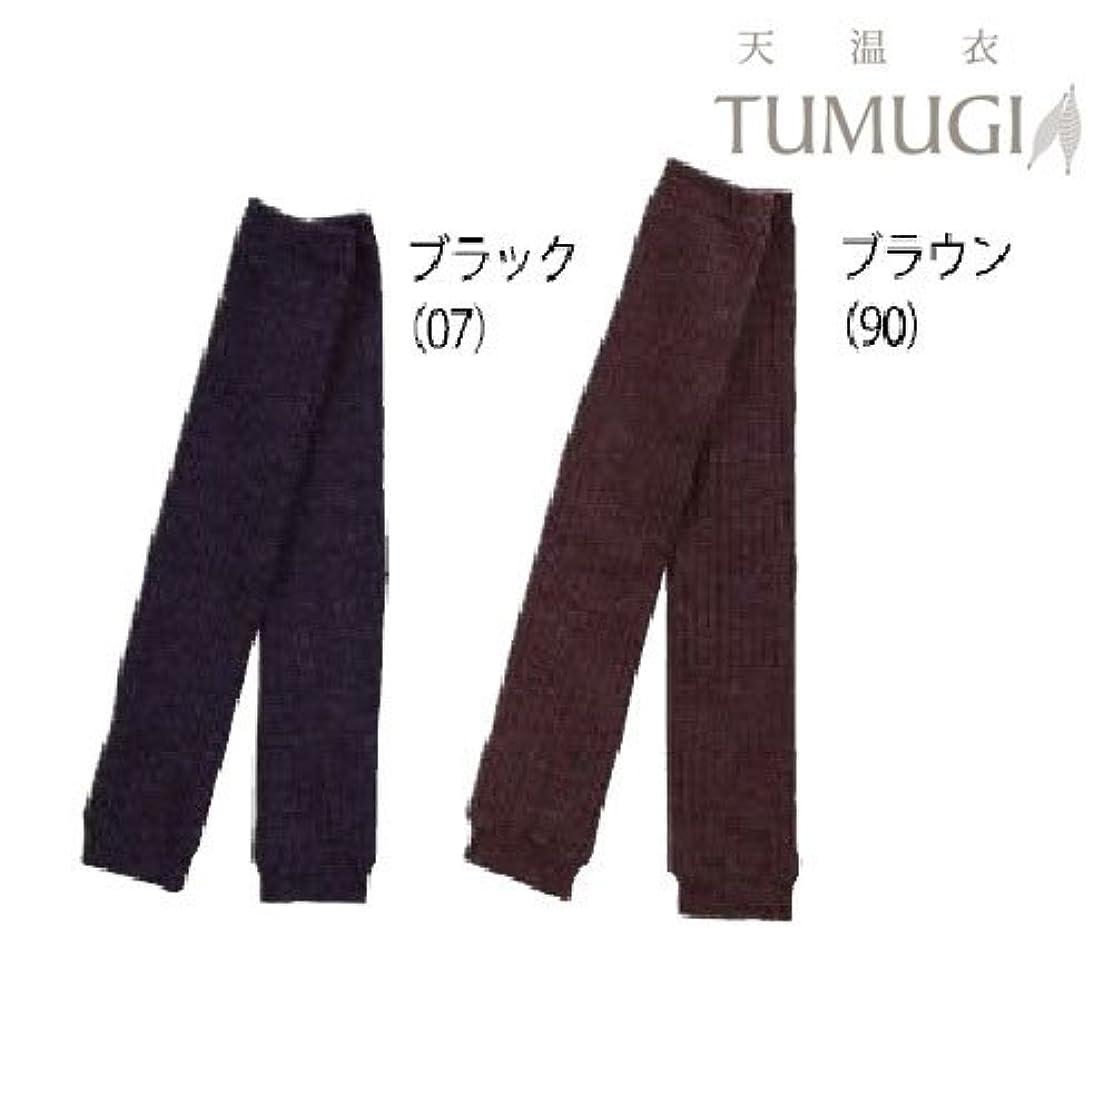 部議会台風天温衣TUMUGI  ウールとシルクの2重編みレッグウォーマー (ブラック(黒))